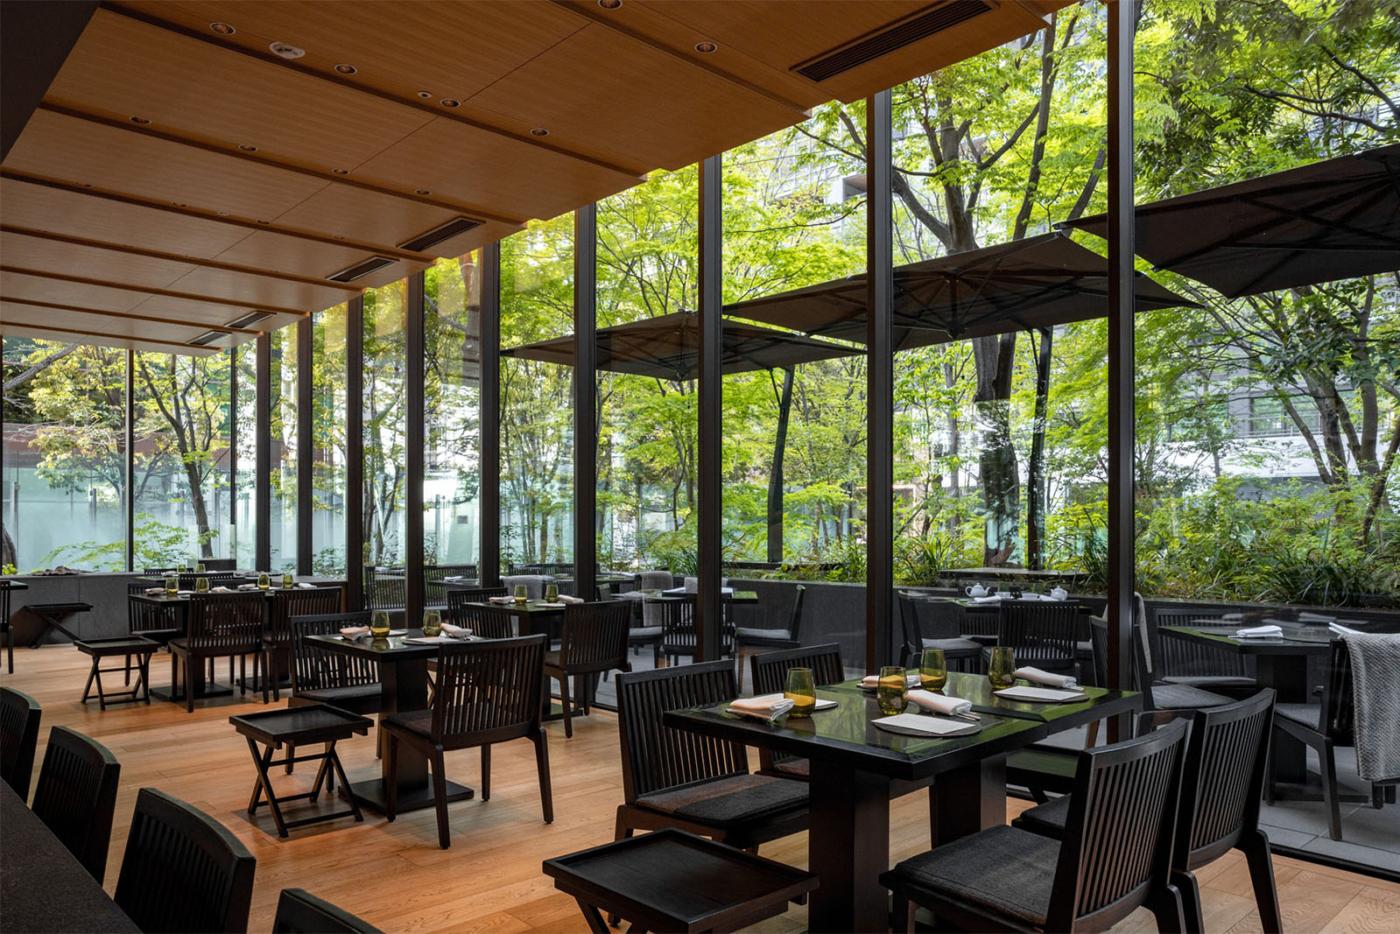 ザ・カフェbyアマンから、緑を眺めながらいただく大人なチョコレートパフェ「パフェ オ ショコラ」